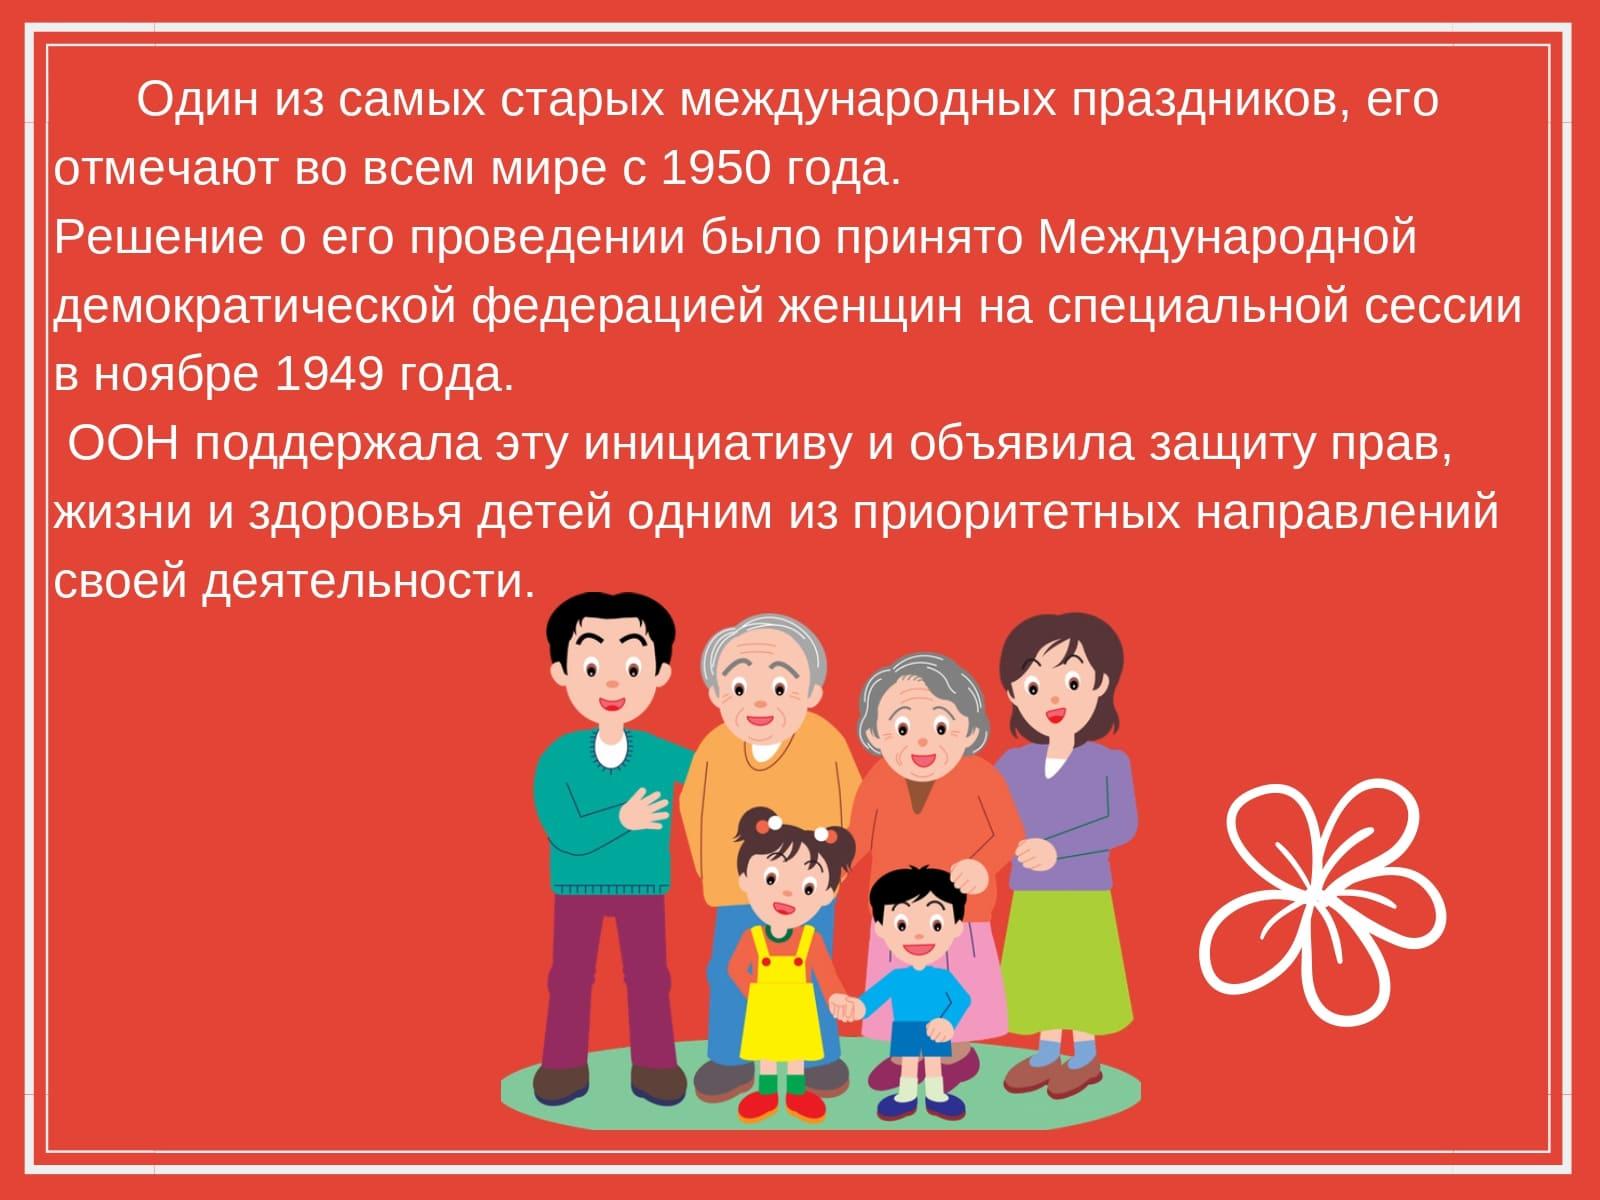 Один из самых старых международных праздников